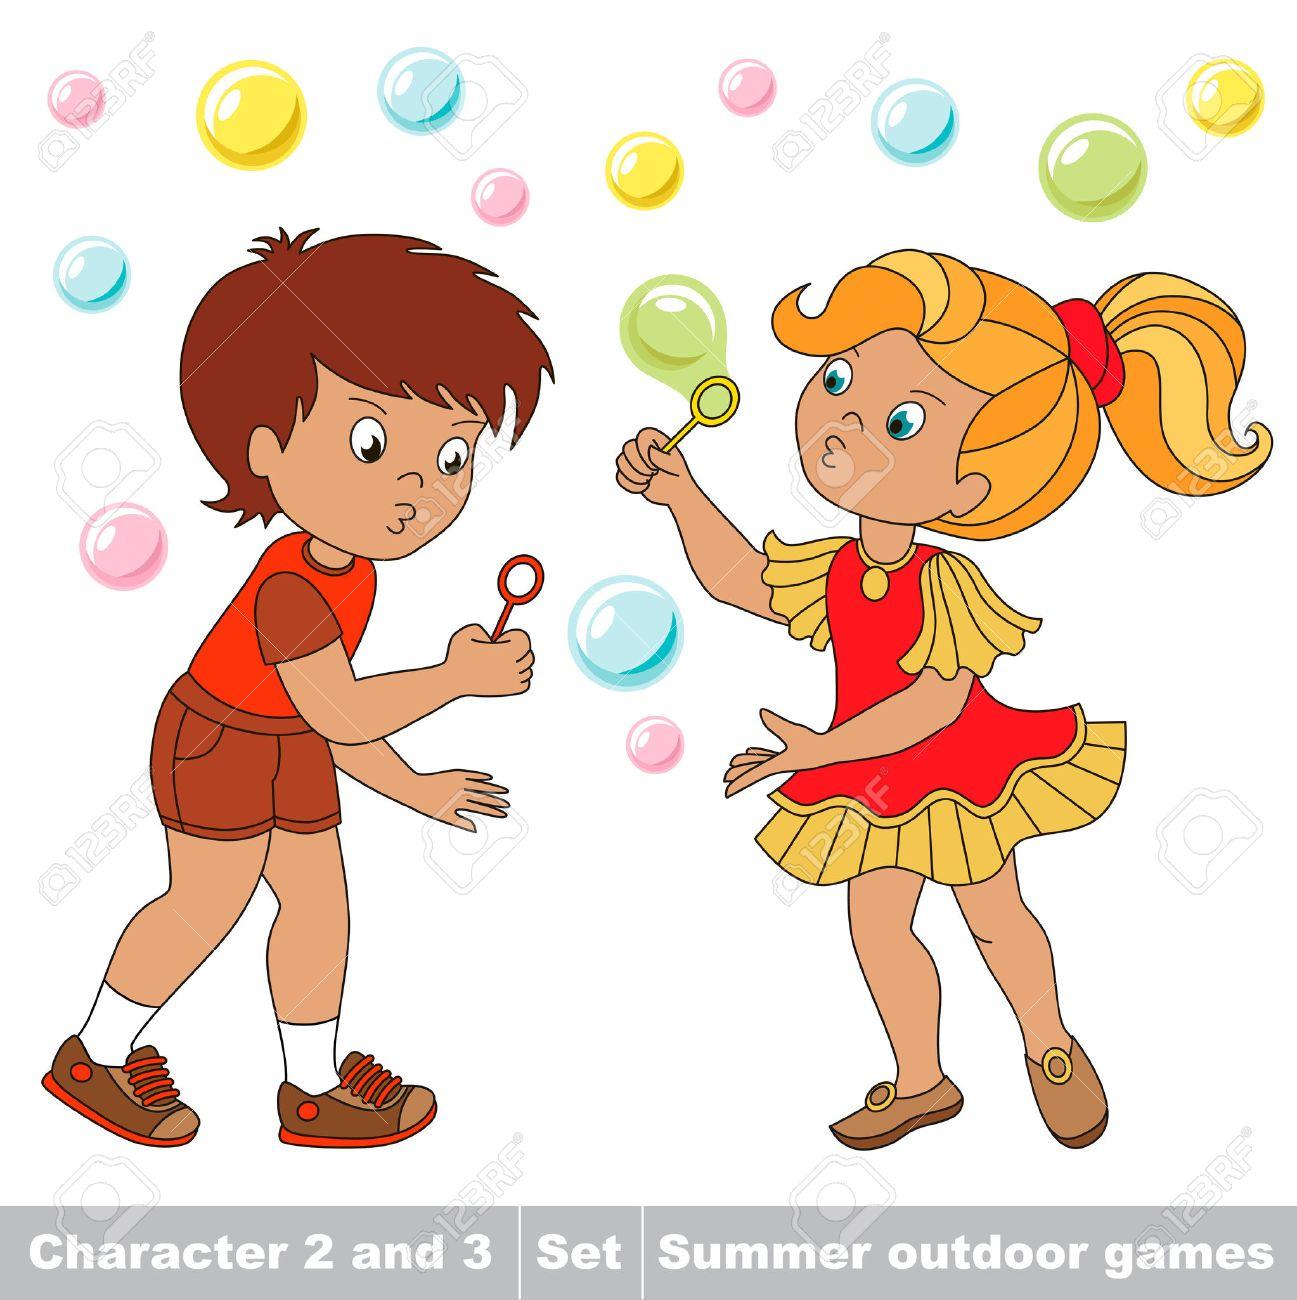 Pequeño niño y amiga jugando en las pompas de jabón jardín inflar. Burbujas  volar los dos niños se divierten. Personaje de dibujos animados jugando ...